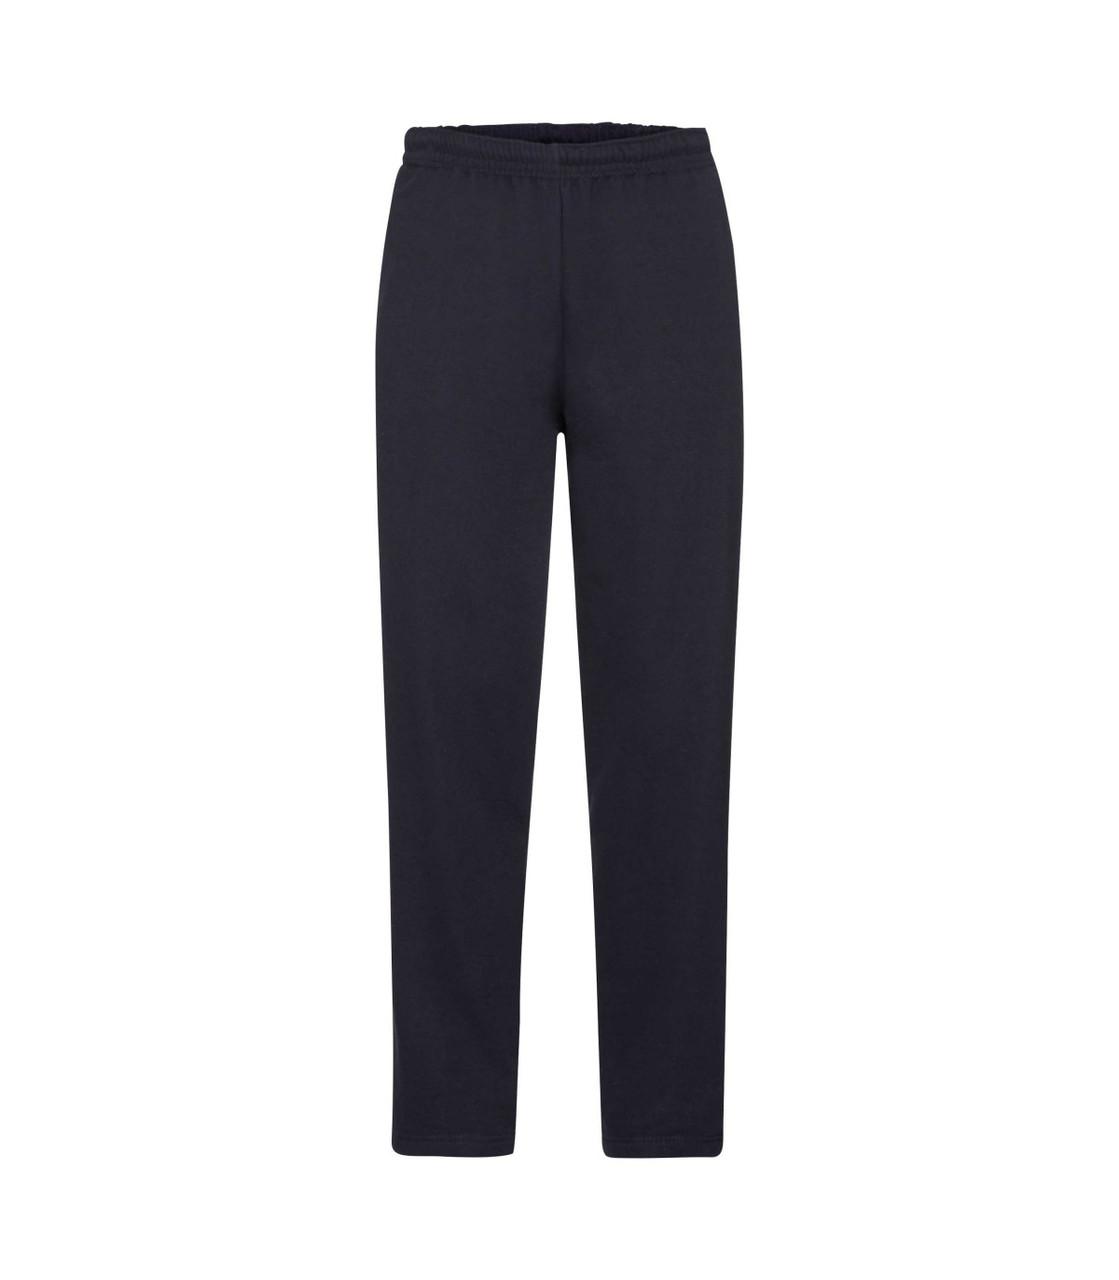 Мужские спортивные брюки утепленные темно-синие 032-АZ